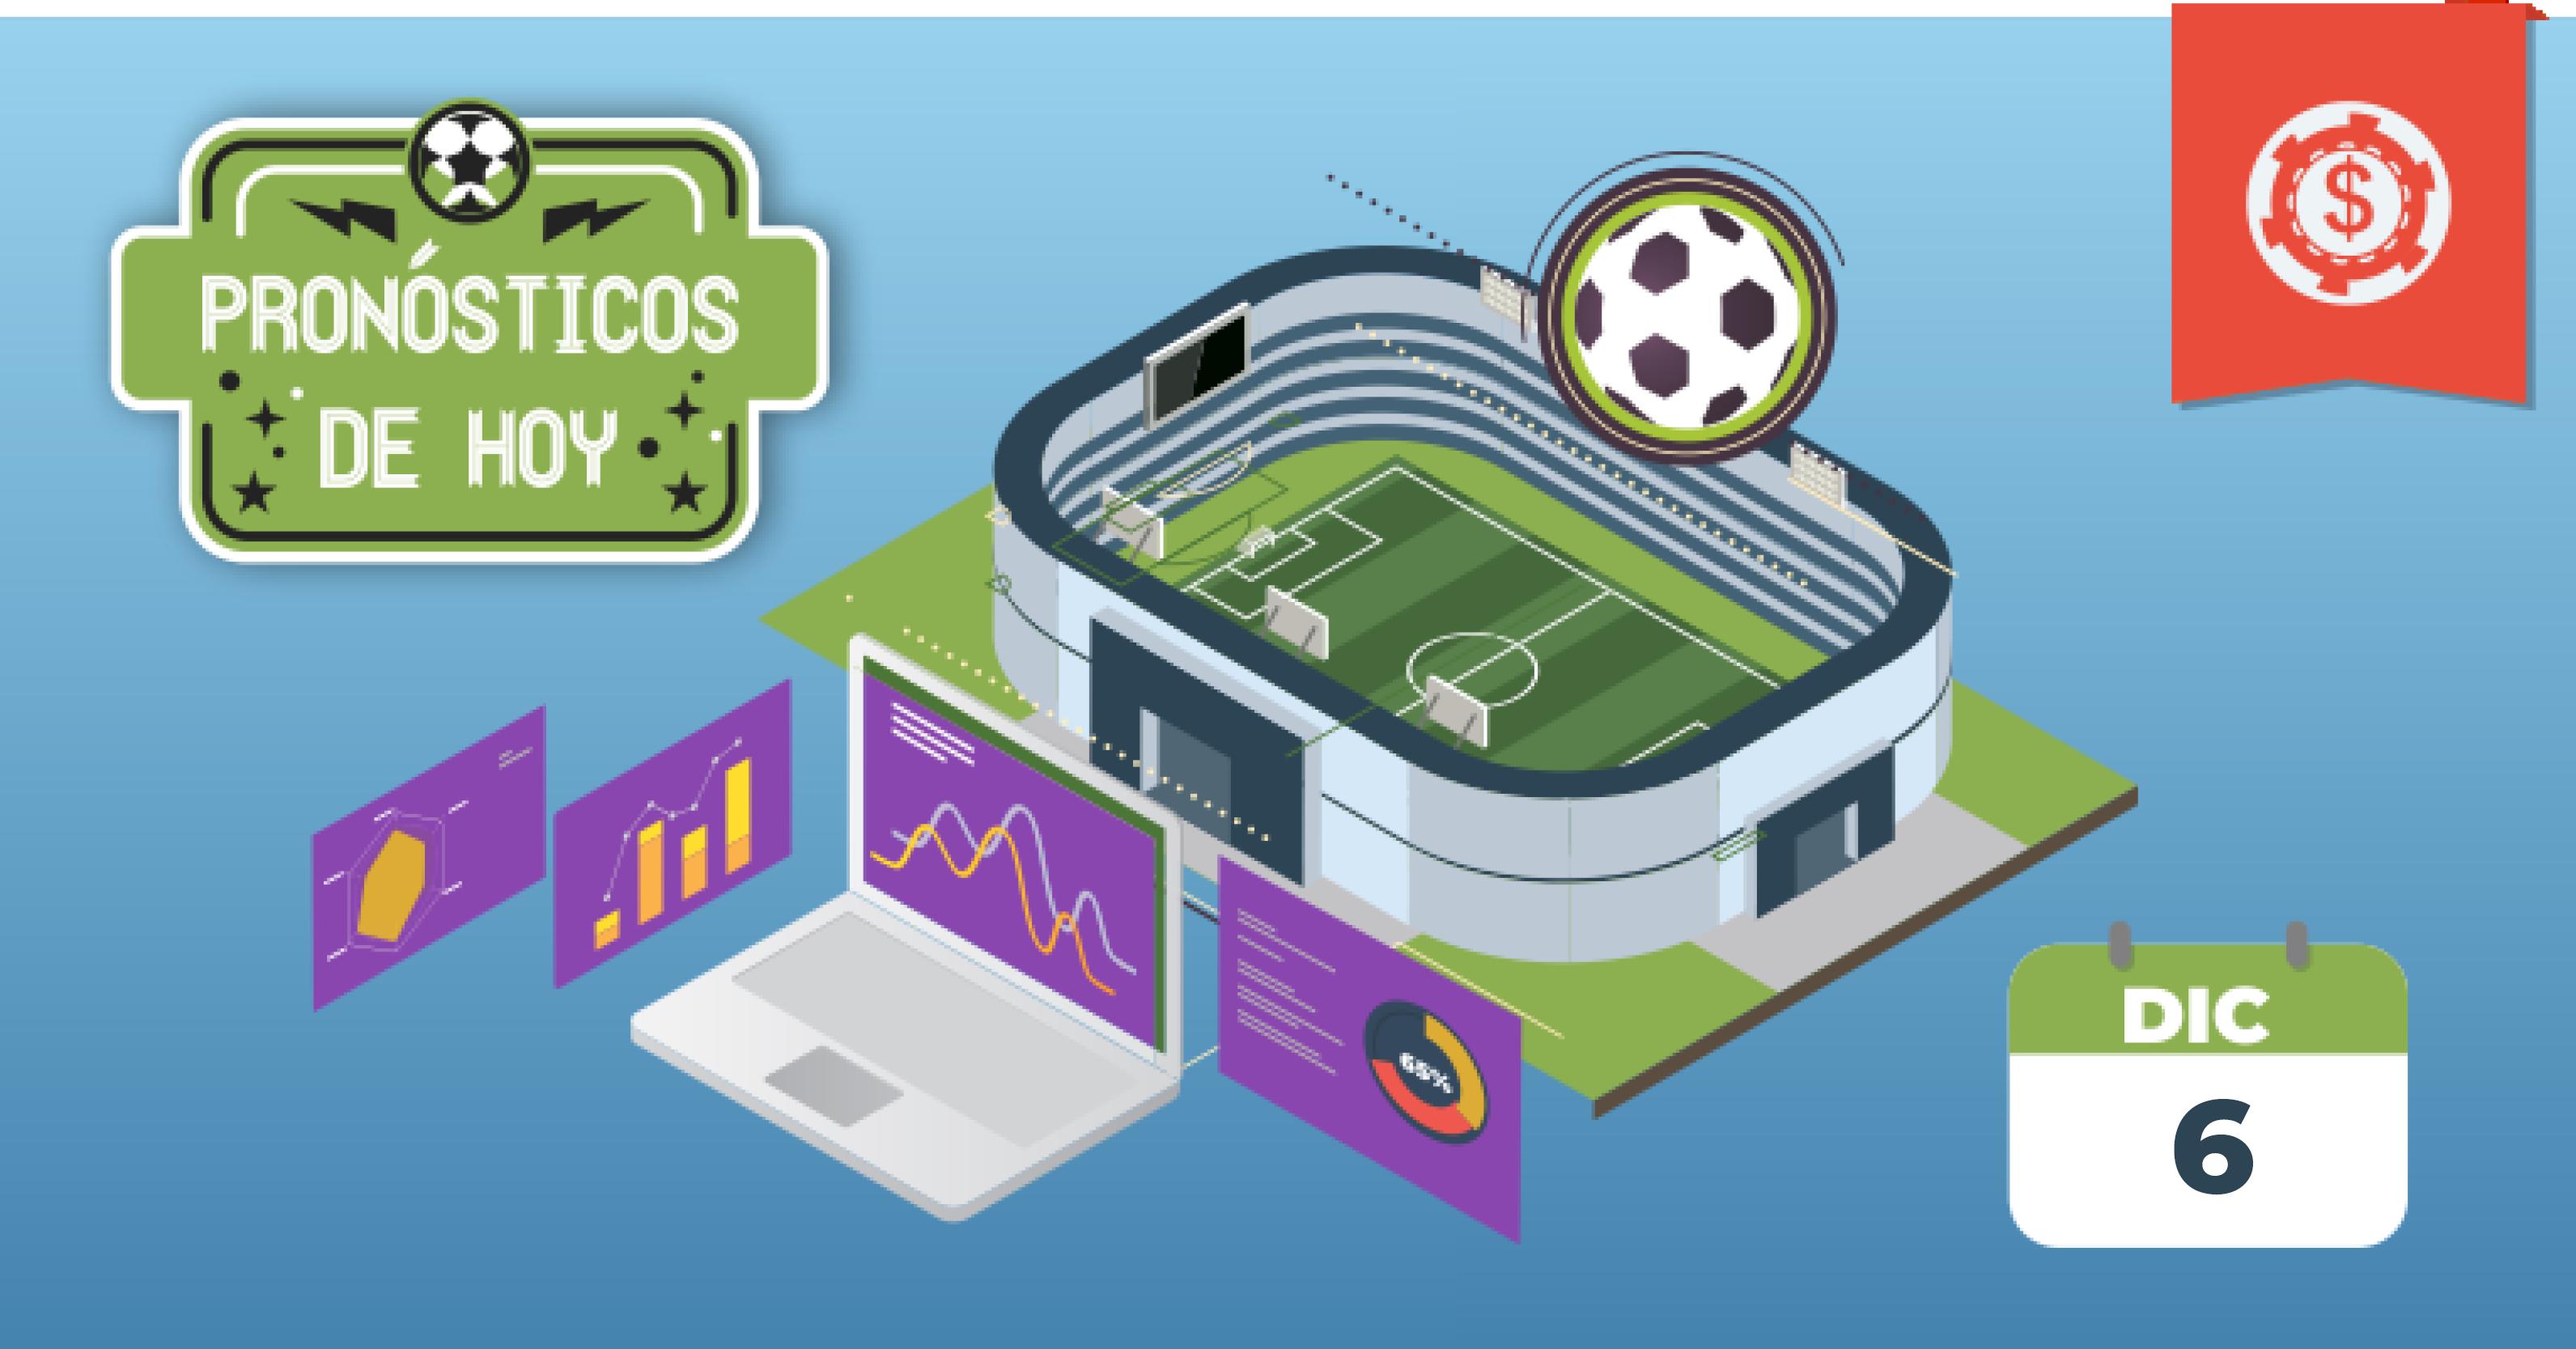 pronosticos-futbol-hoy-predicciones-6-diciembre-2019